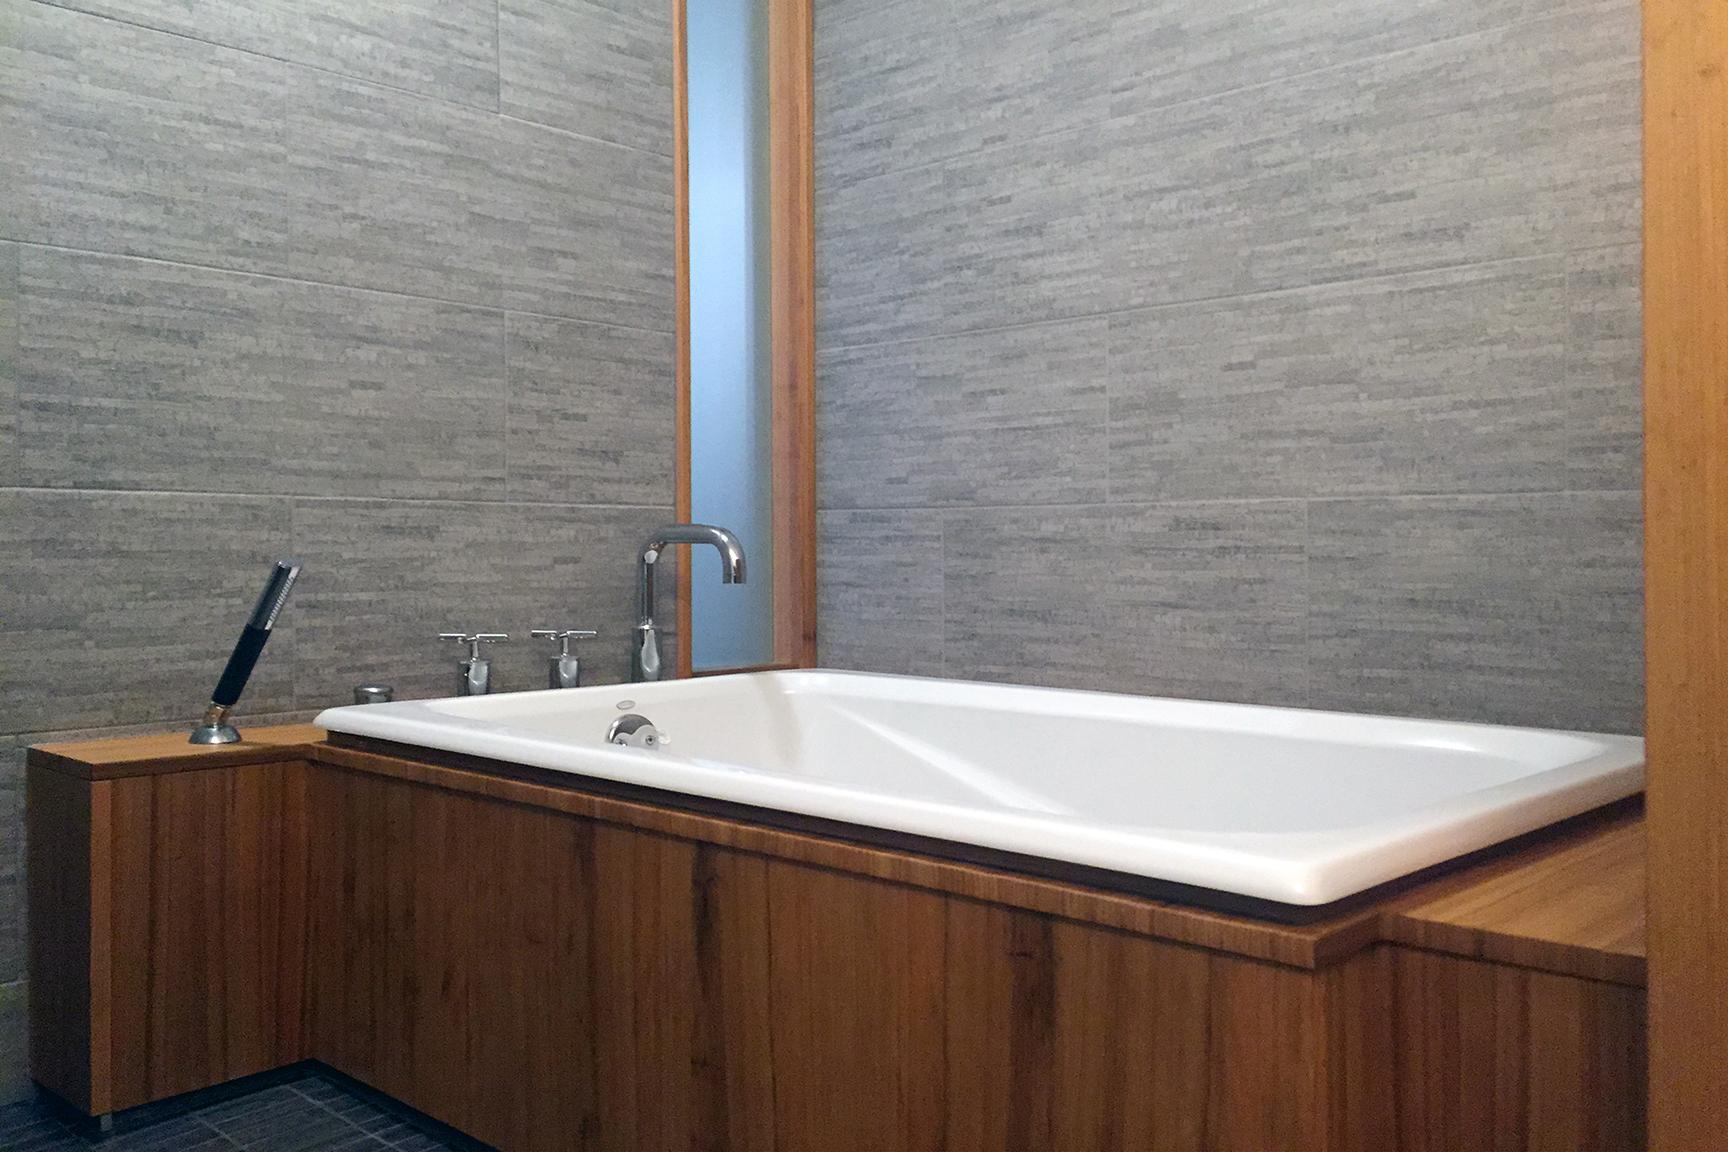 Bath-1-1152.jpg